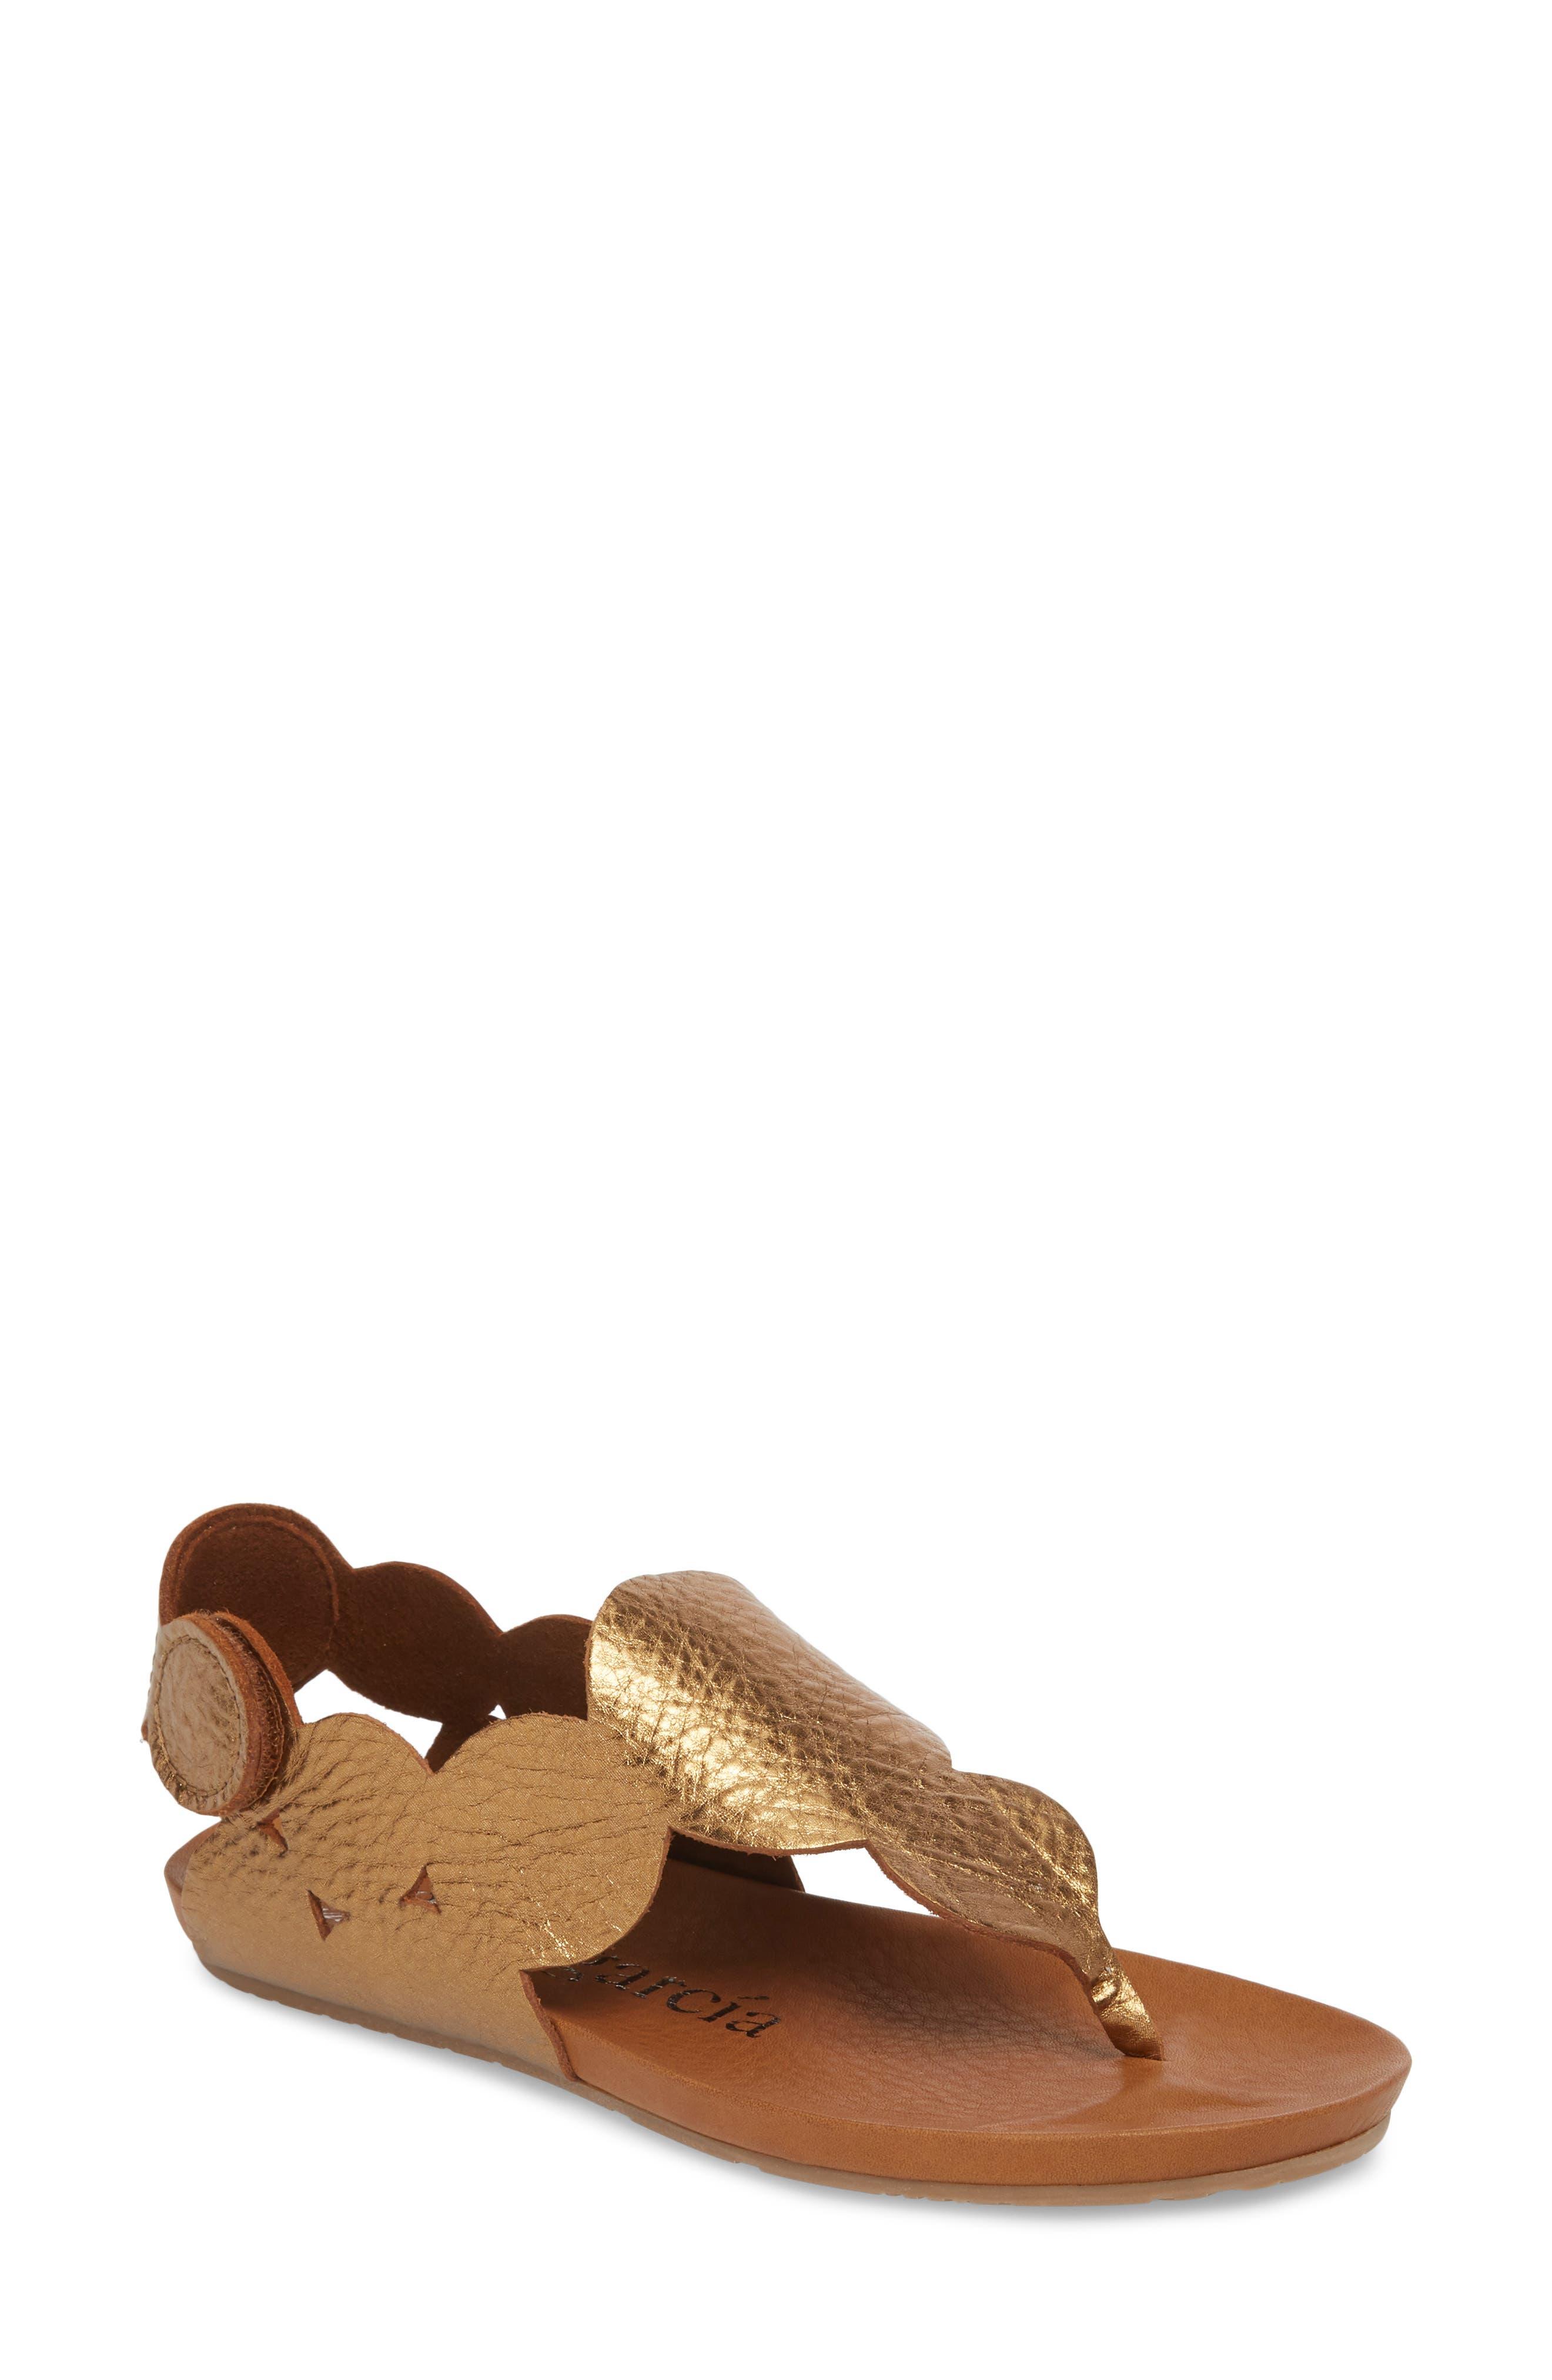 Jamee Sandal,                         Main,                         color, Tobacco Cervo Lame